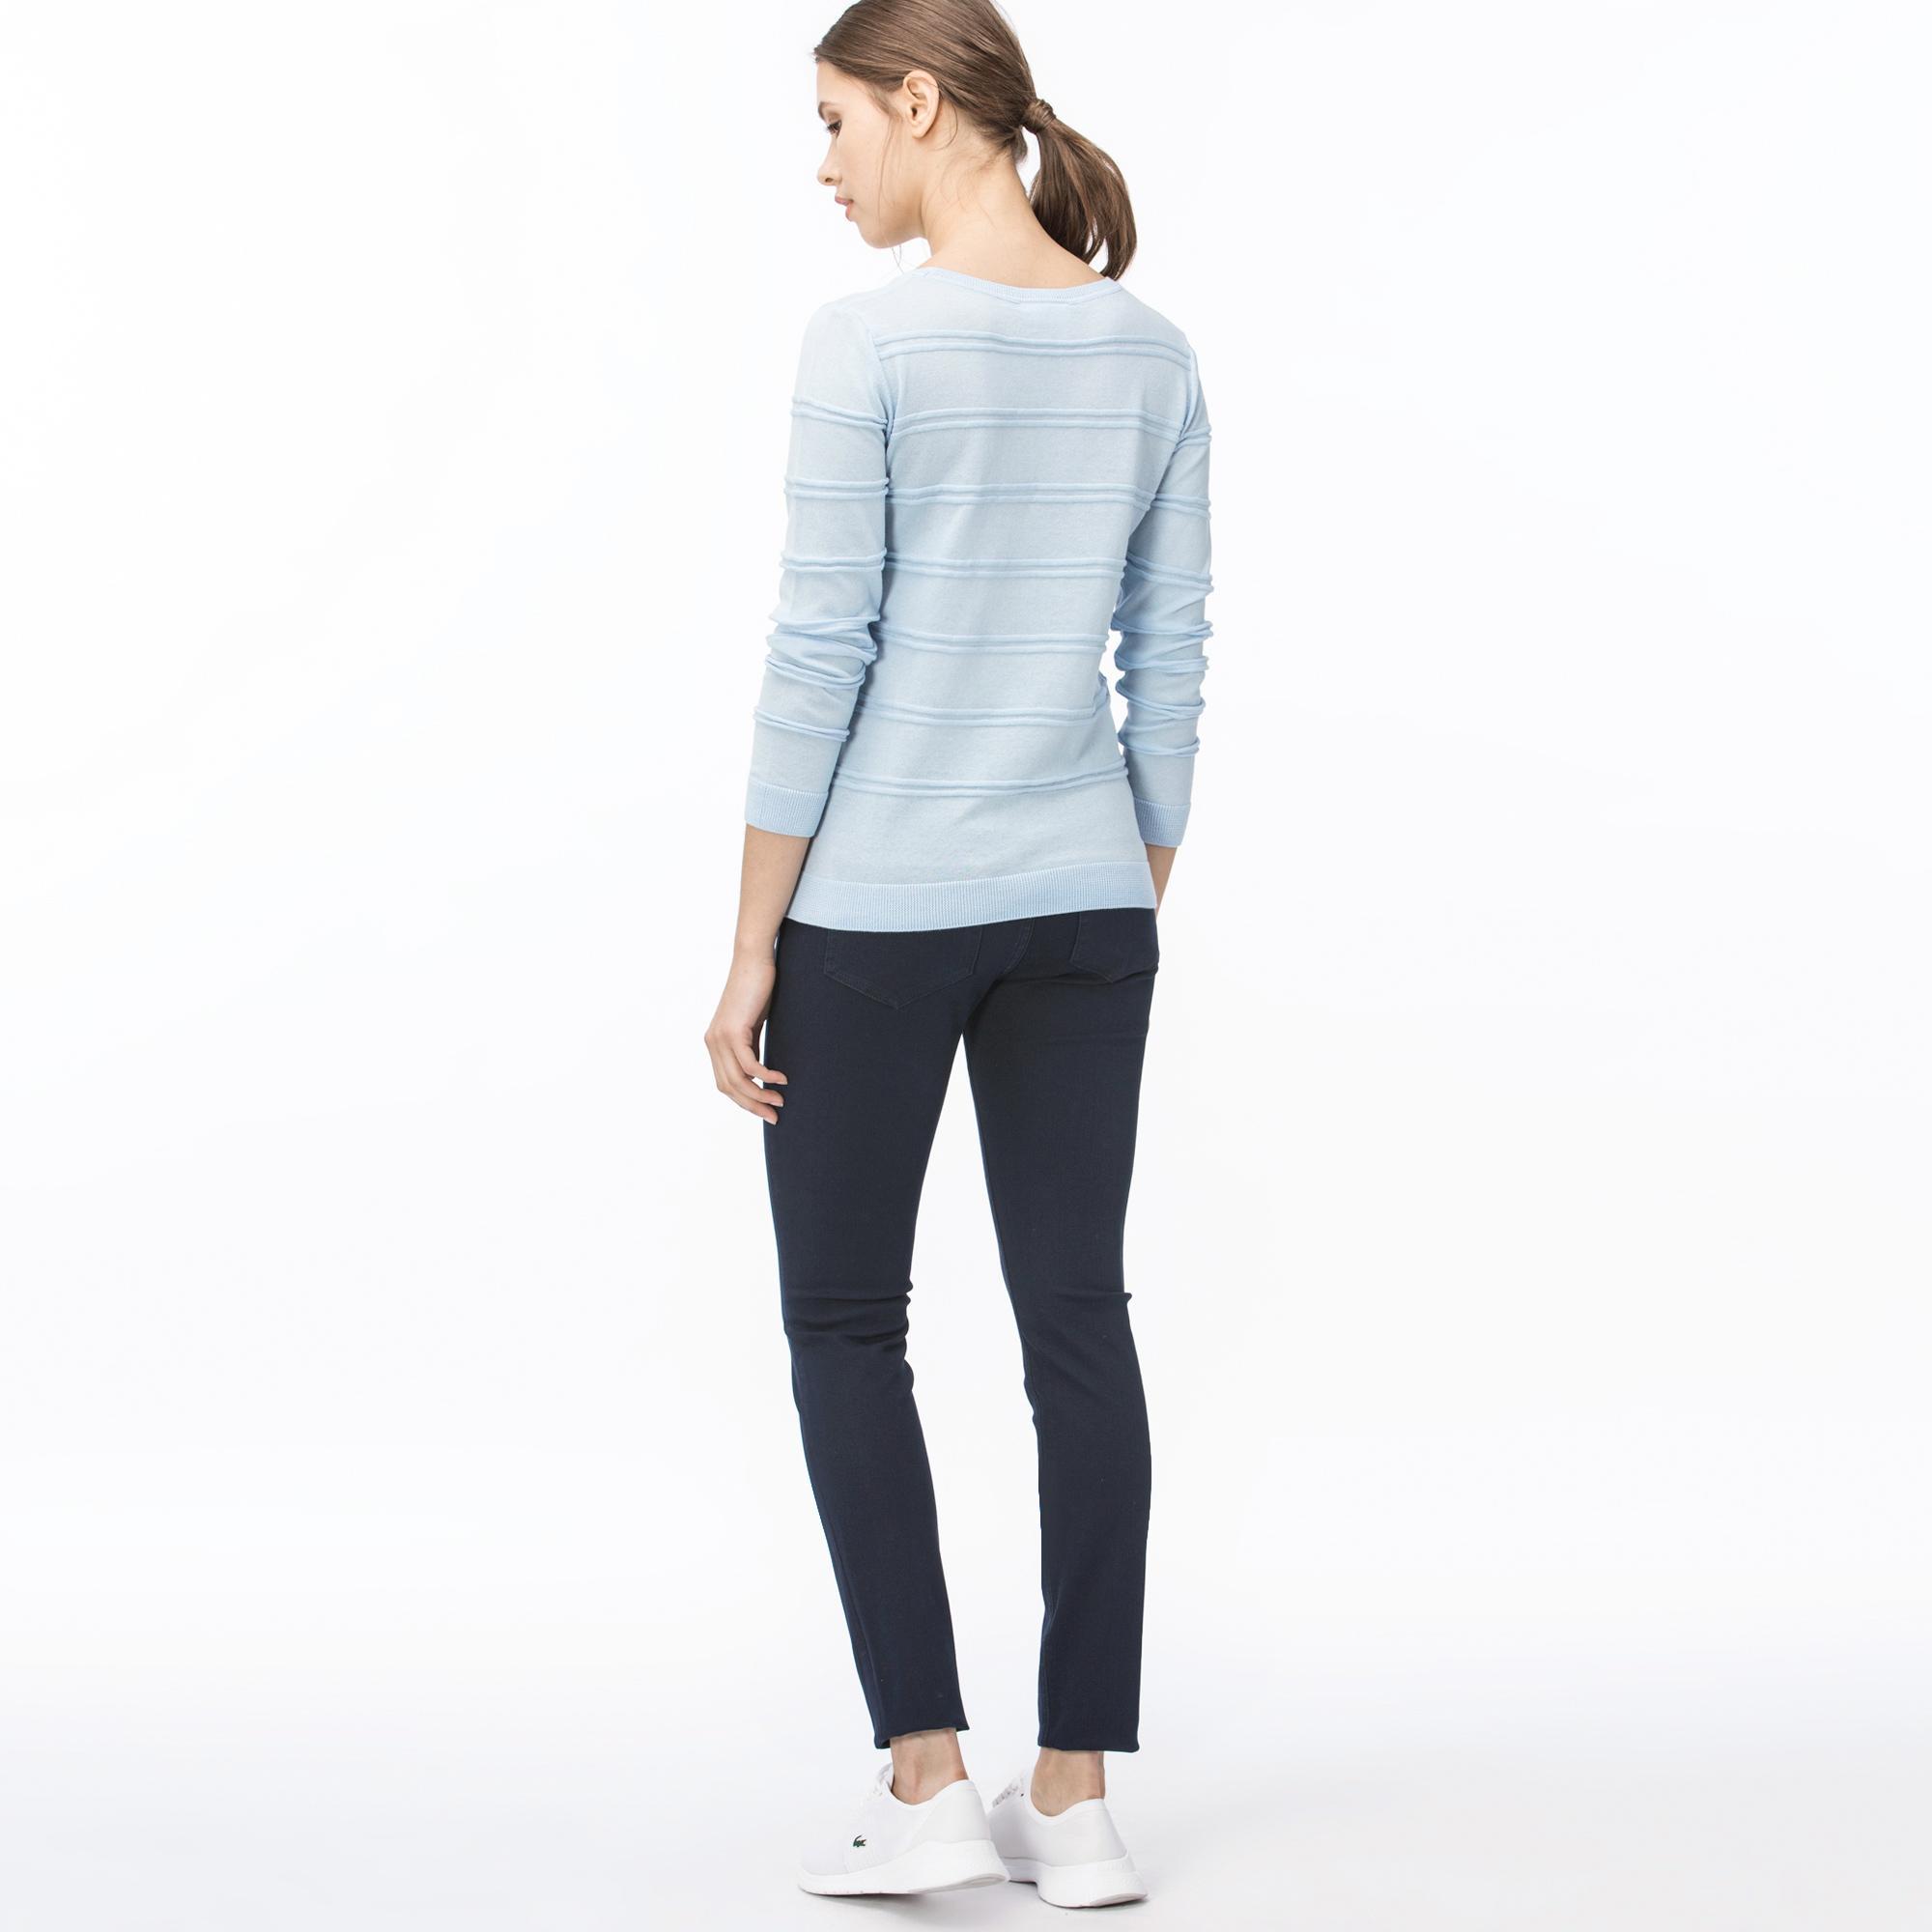 Lacoste штани спортивні жіночі